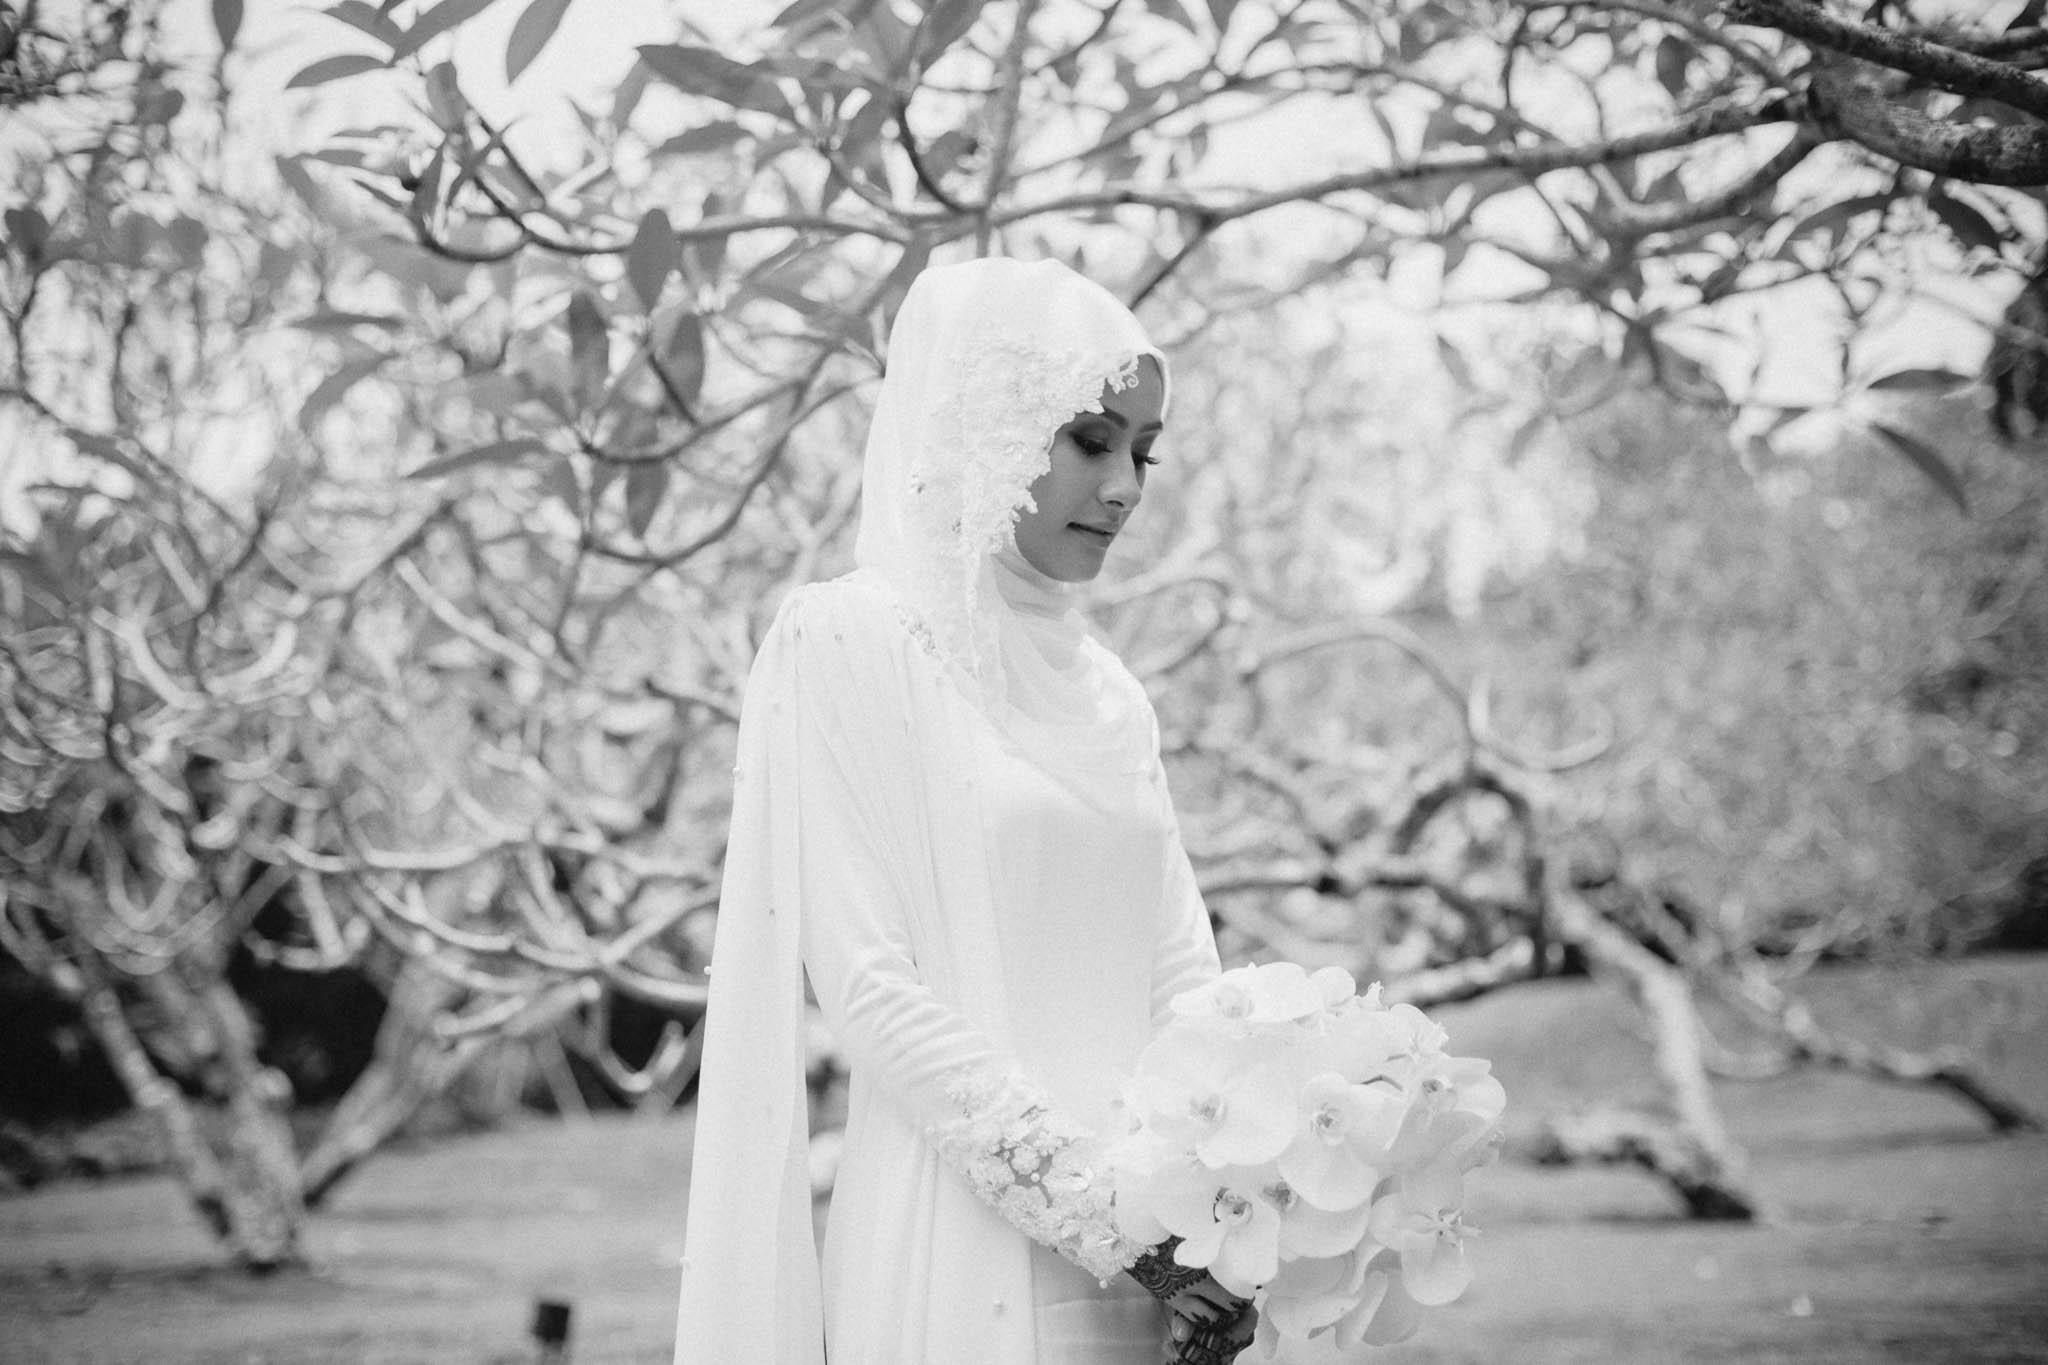 singapore-wedding-photographer-wemadethese-bw-010.jpg